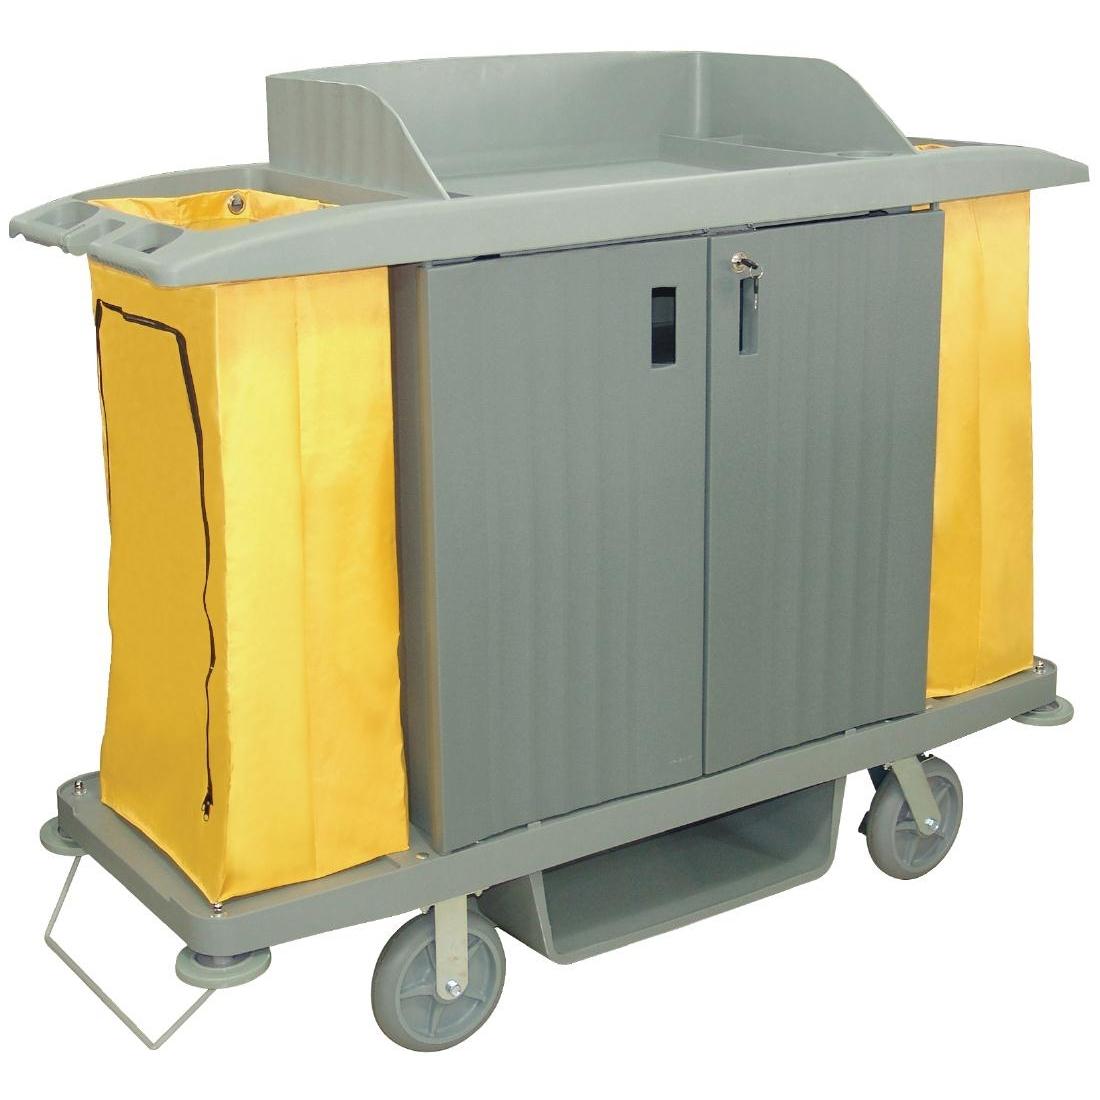 Chariot de nettoyage avec portes